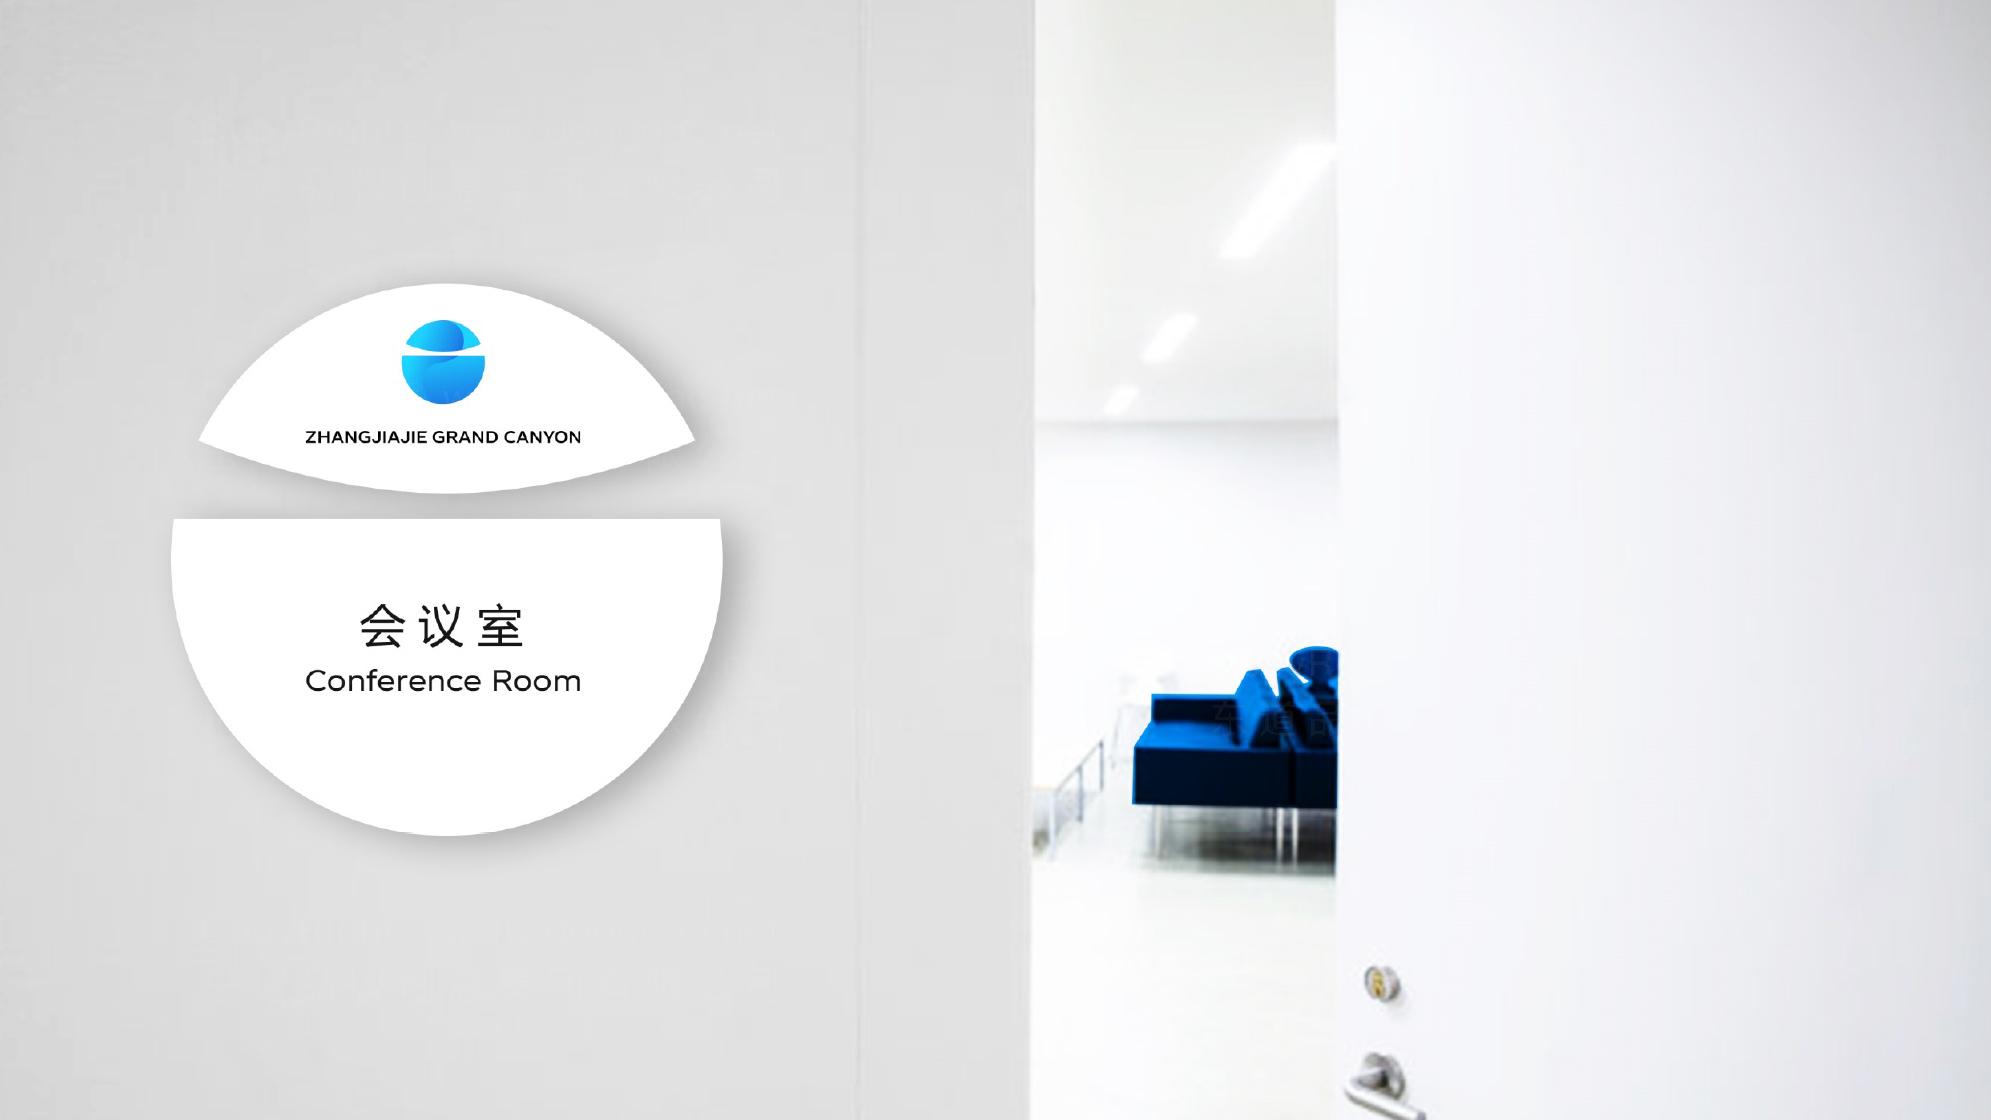 品牌设计张家界大峡谷LOGO&VI设计应用场景_6